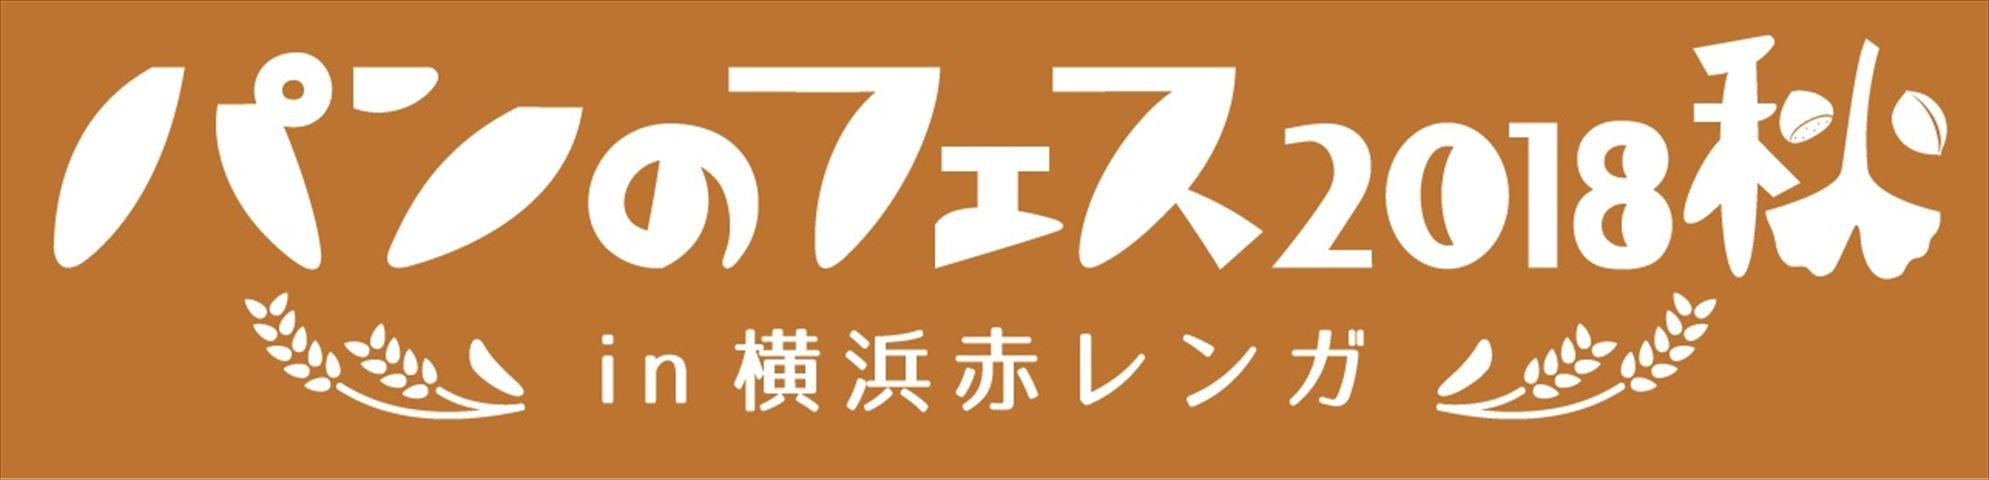 「パンのフェス2018秋 in 横浜赤レンガ」